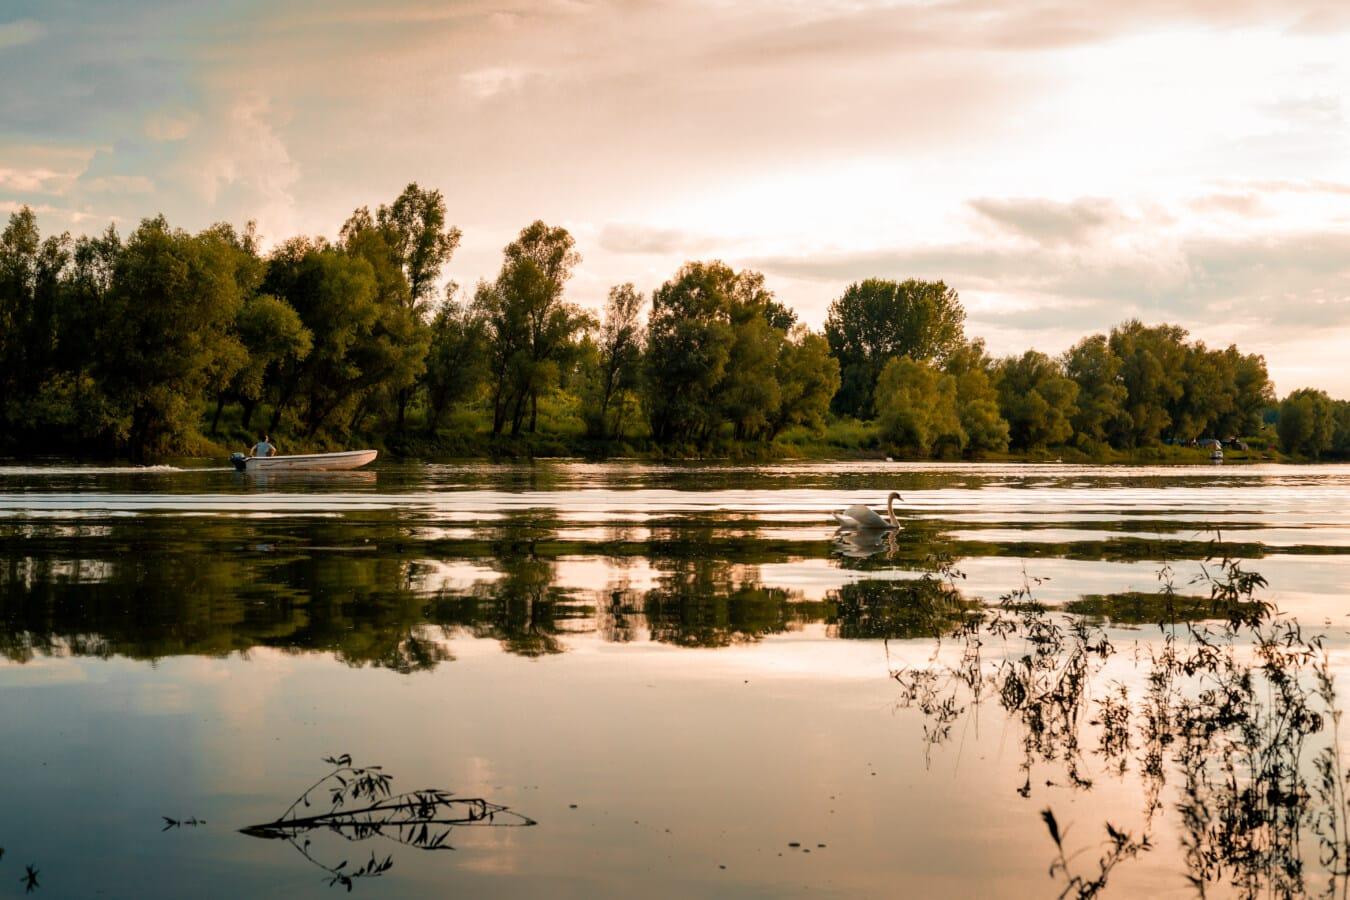 bateau de pêche, au bord du lac, cygne, pêcheur, majestueux, paysage, crépuscule, Lac, terrain, zones humides